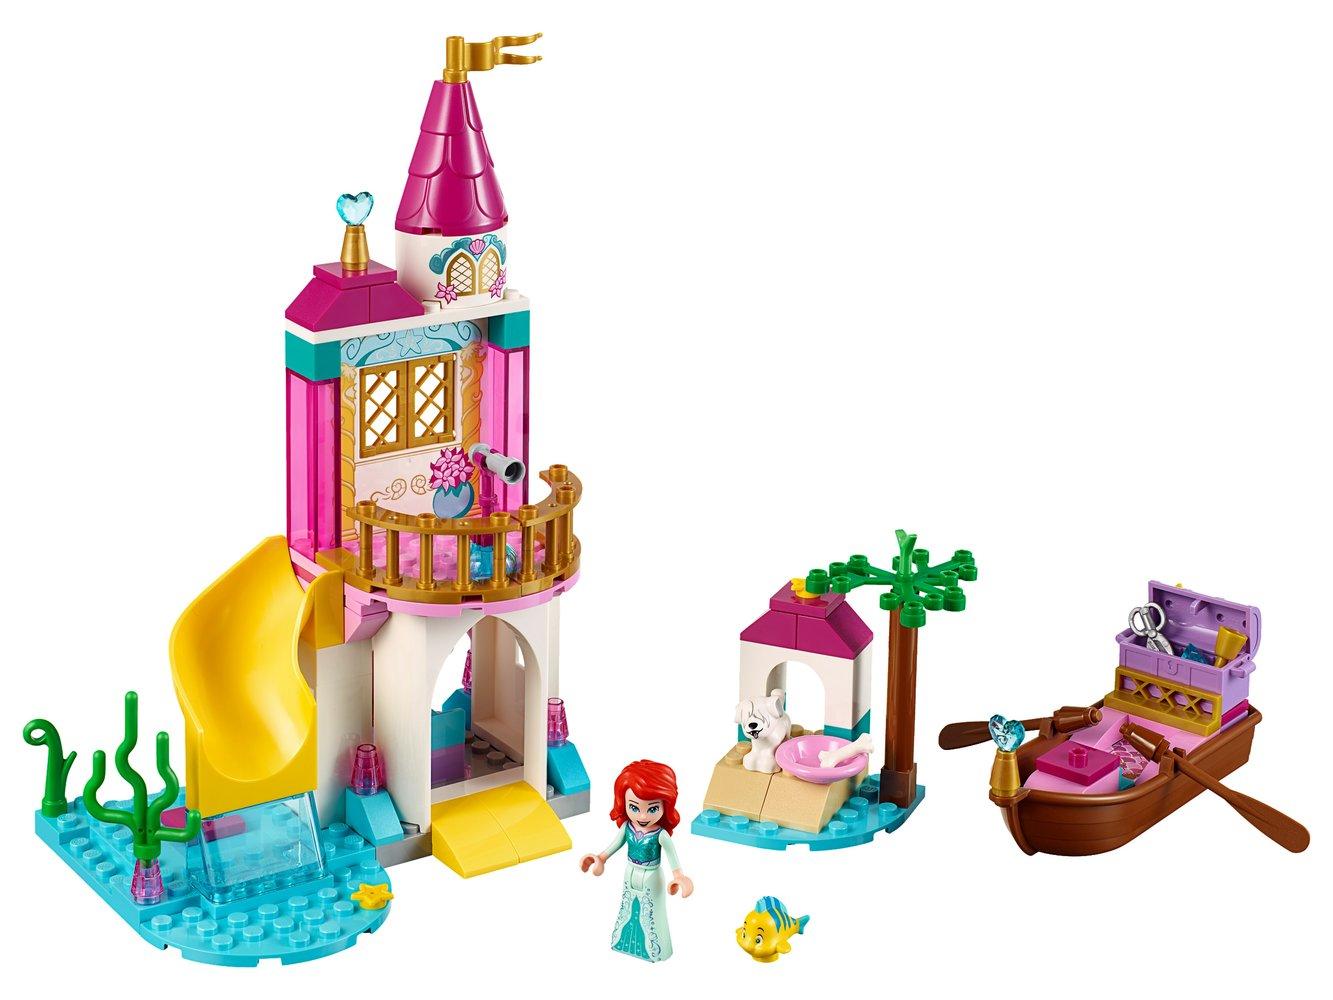 Ariel's Seaside Castle